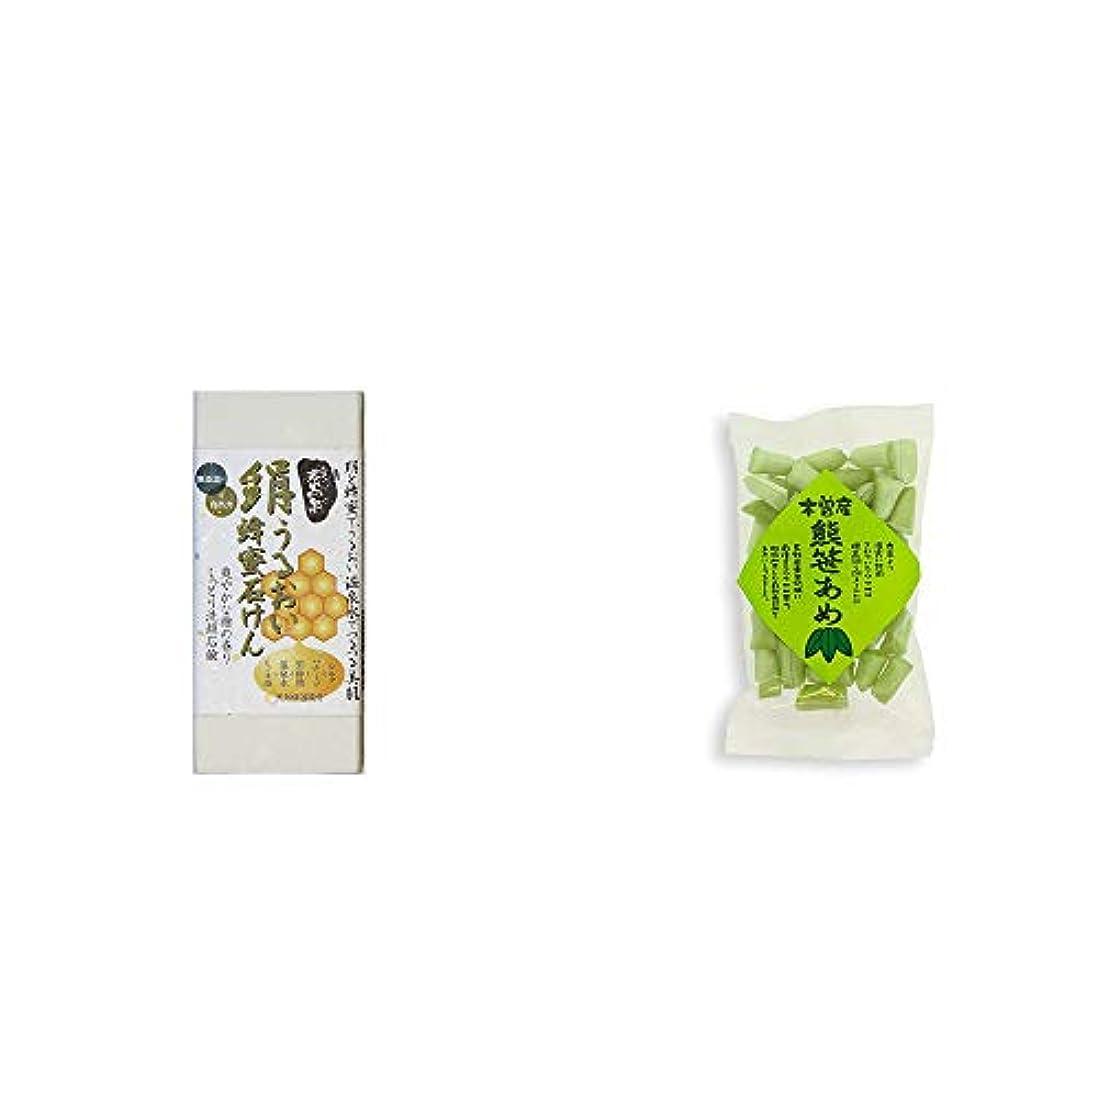 失態石ダーリン[2点セット] ひのき炭黒泉 絹うるおい蜂蜜石けん(75g×2)?木曽産 熊笹あめ(100g)